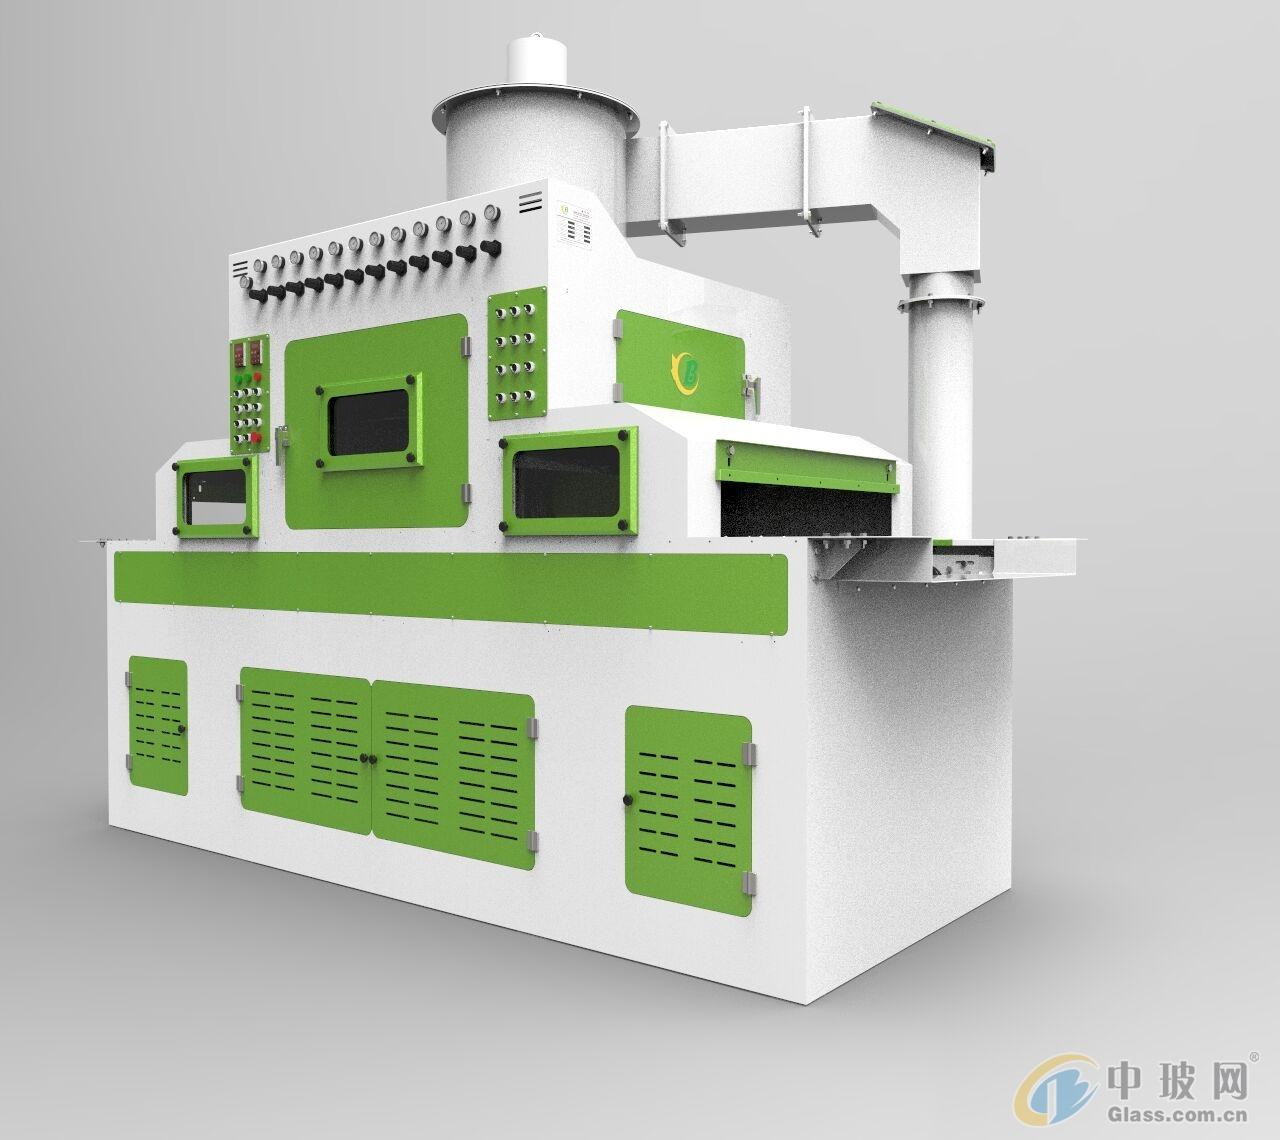 供应PET膜专用喷砂机,PT膜喷砂机,光膜喷砂机